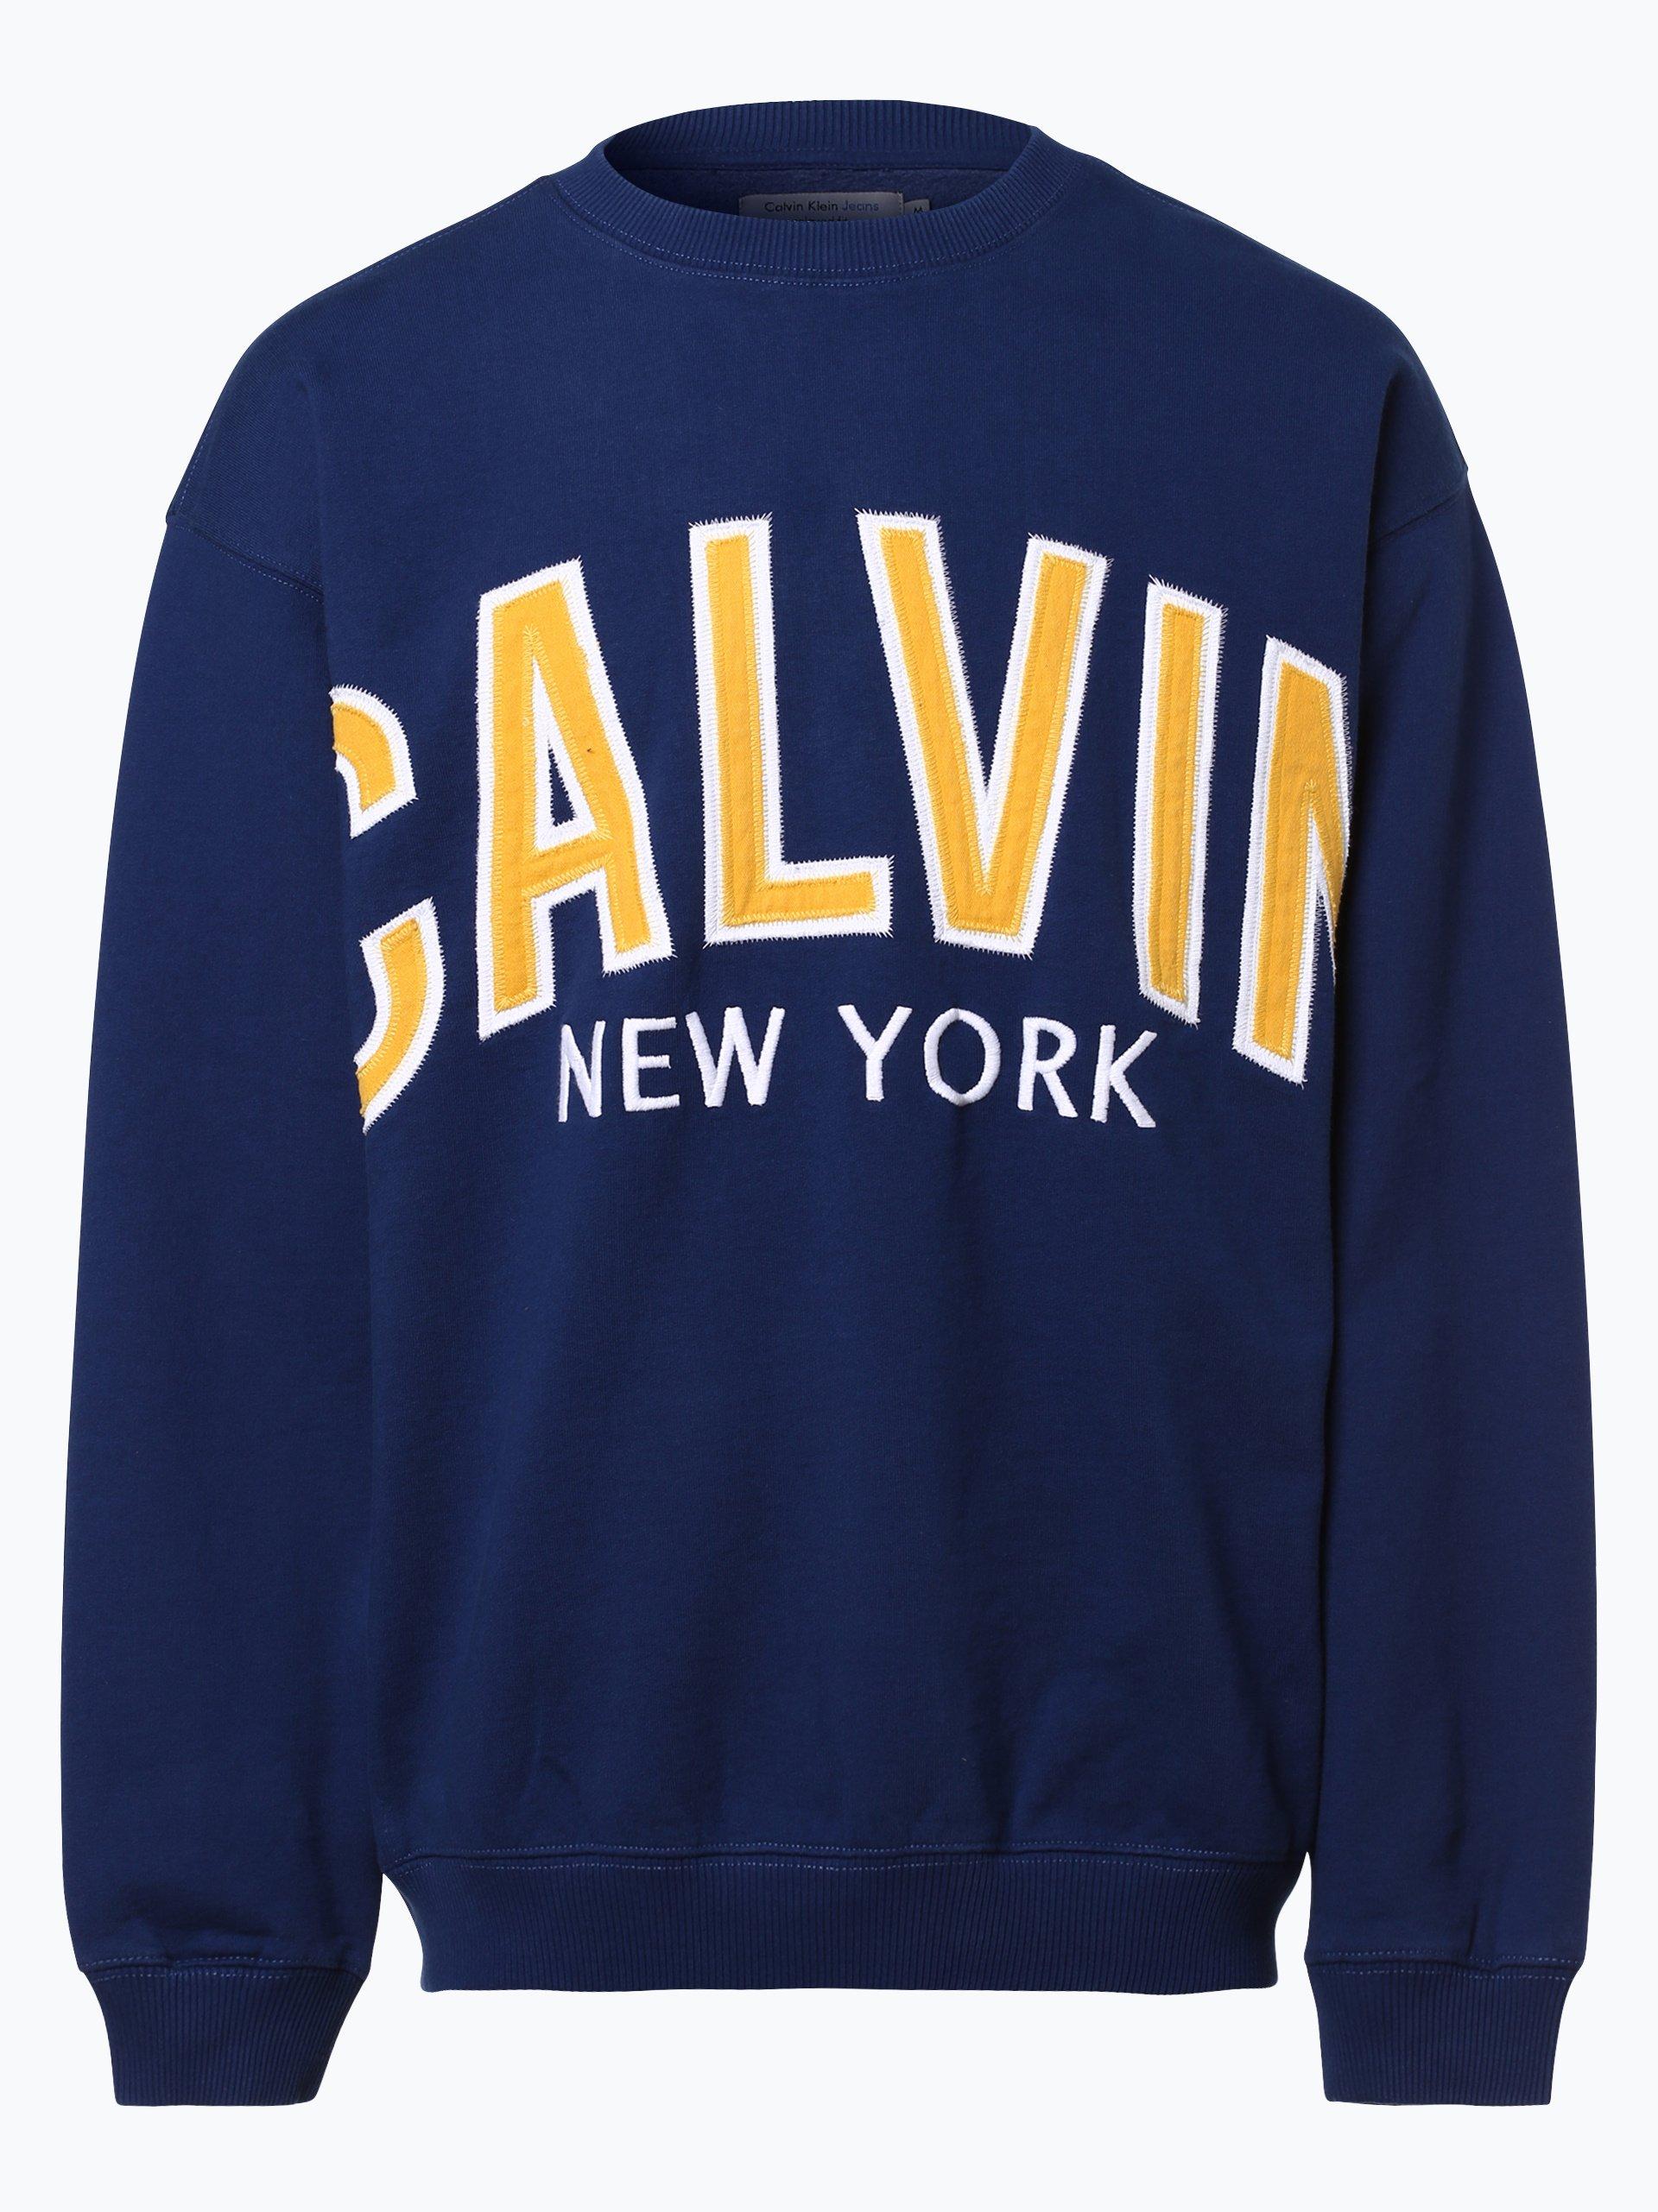 calvin klein jeans herren sweatshirt indigo bedruckt online kaufen peek und cloppenburg de. Black Bedroom Furniture Sets. Home Design Ideas